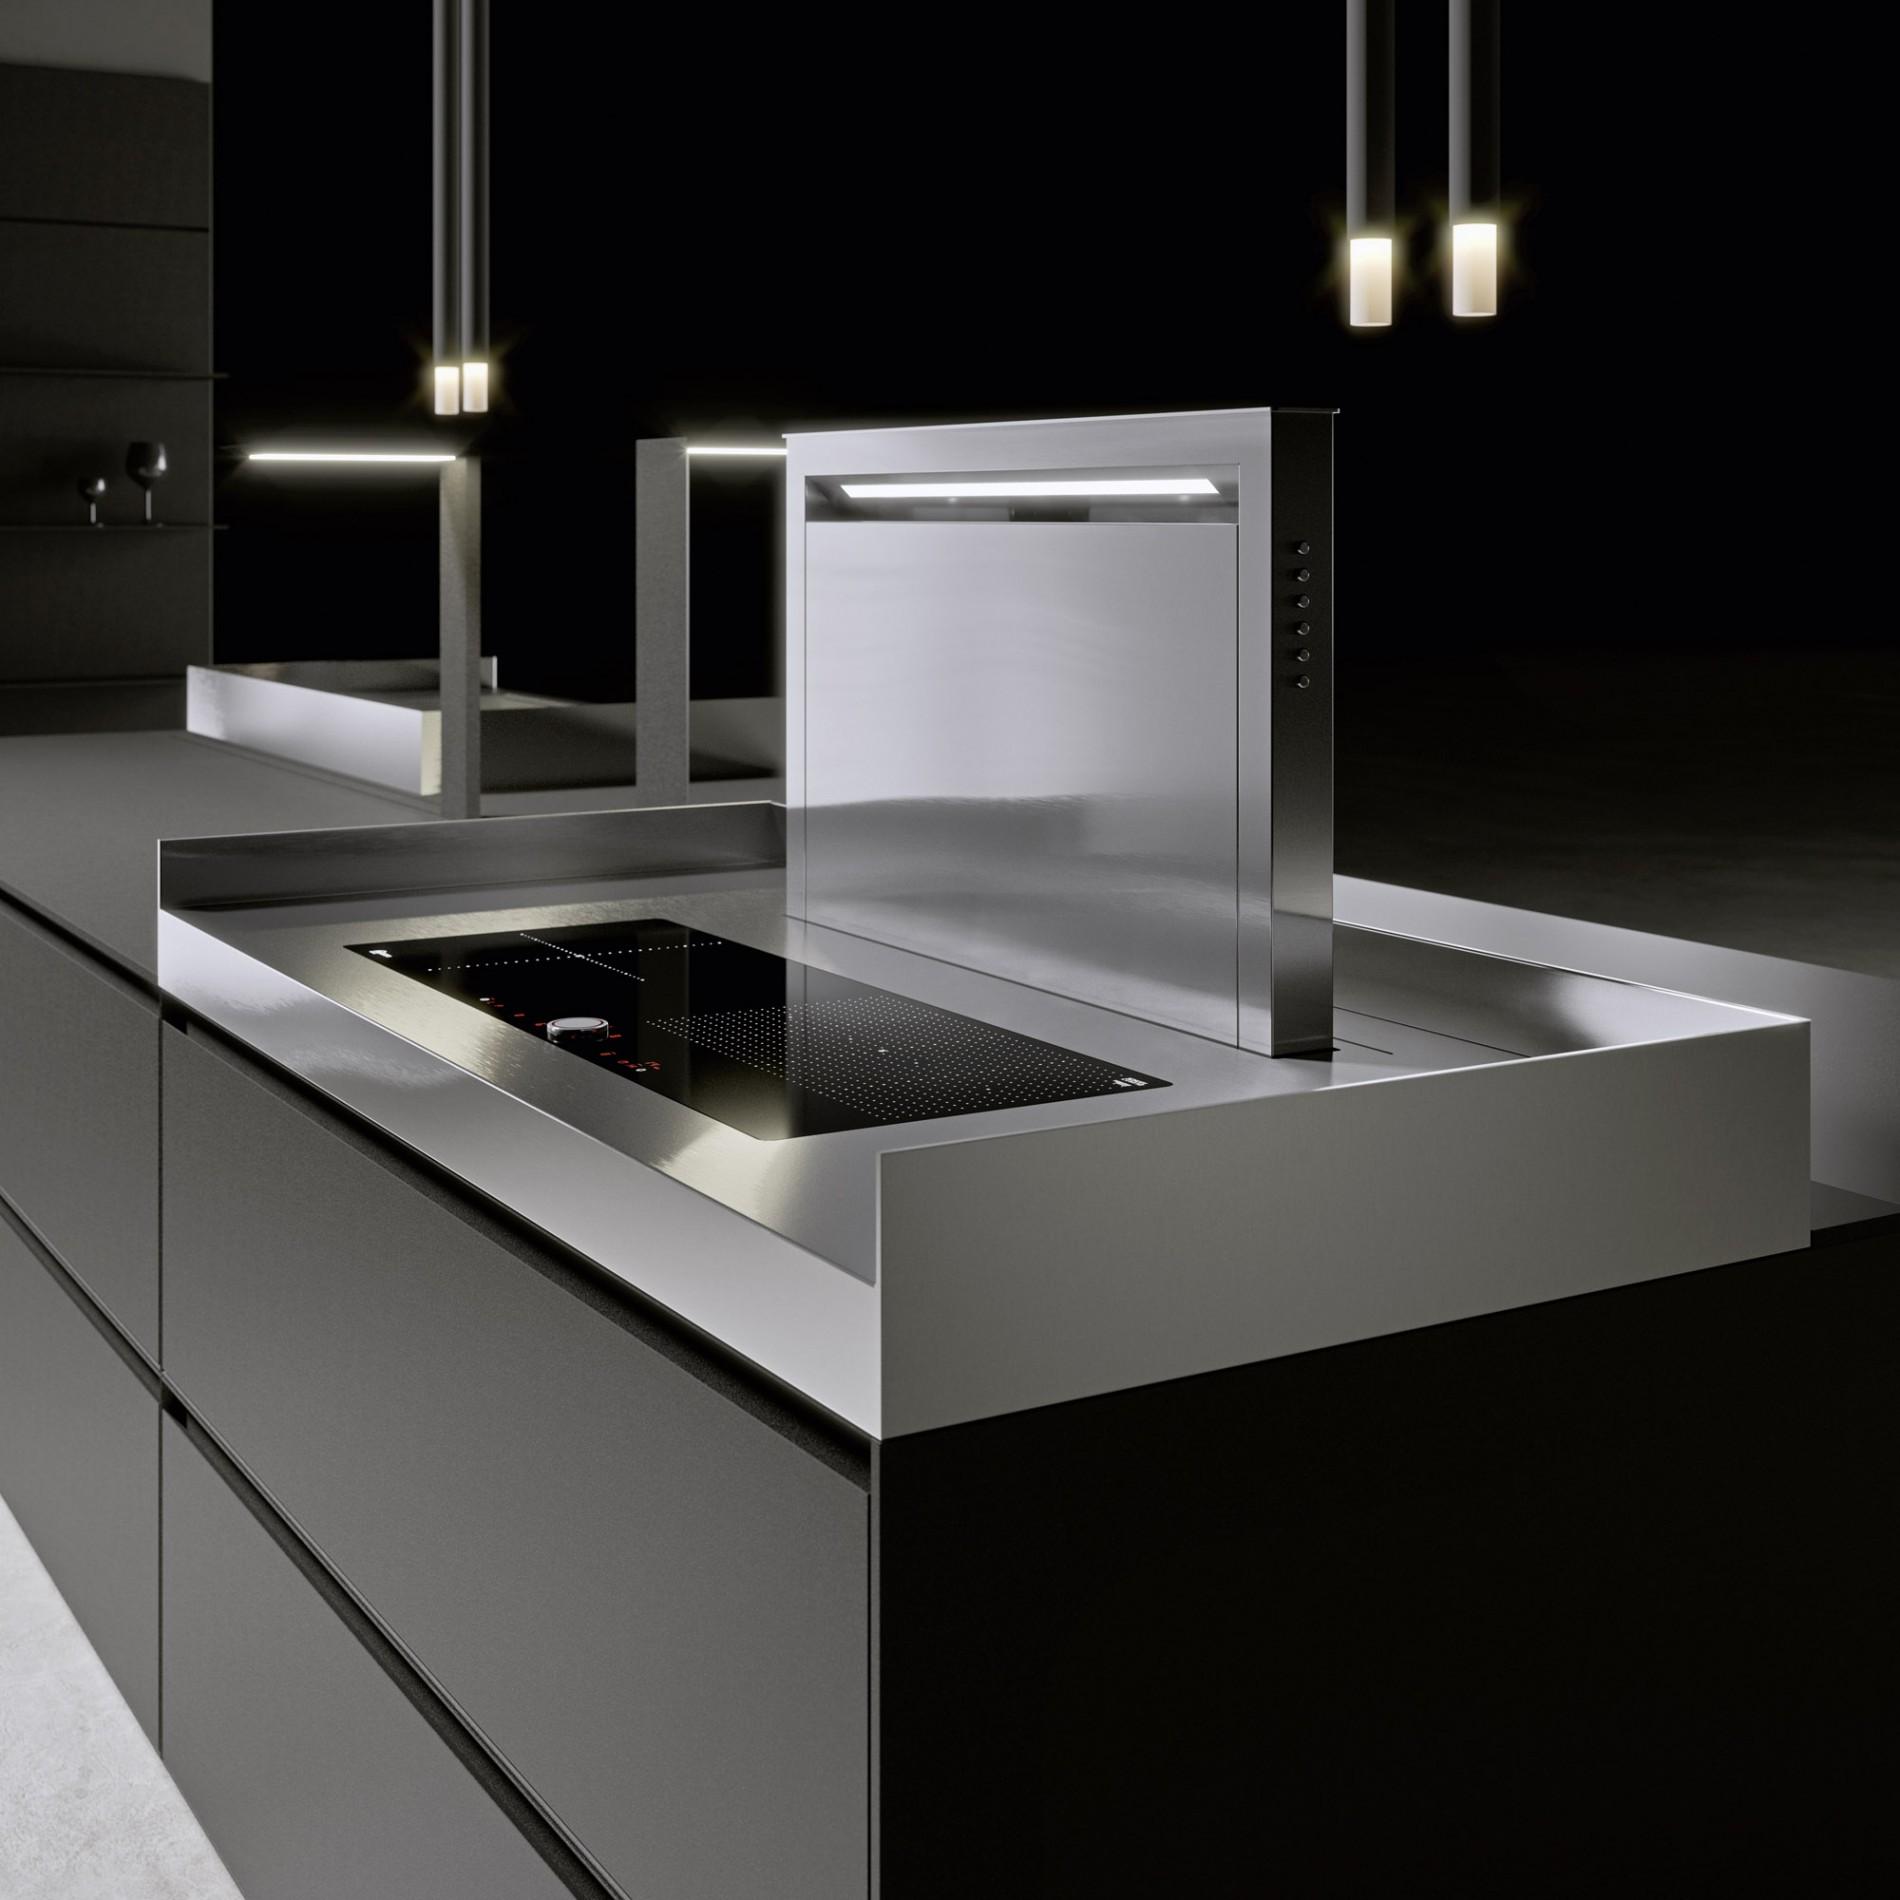 European Kitchen Cabinets Style Best European Kitchen Cabinets